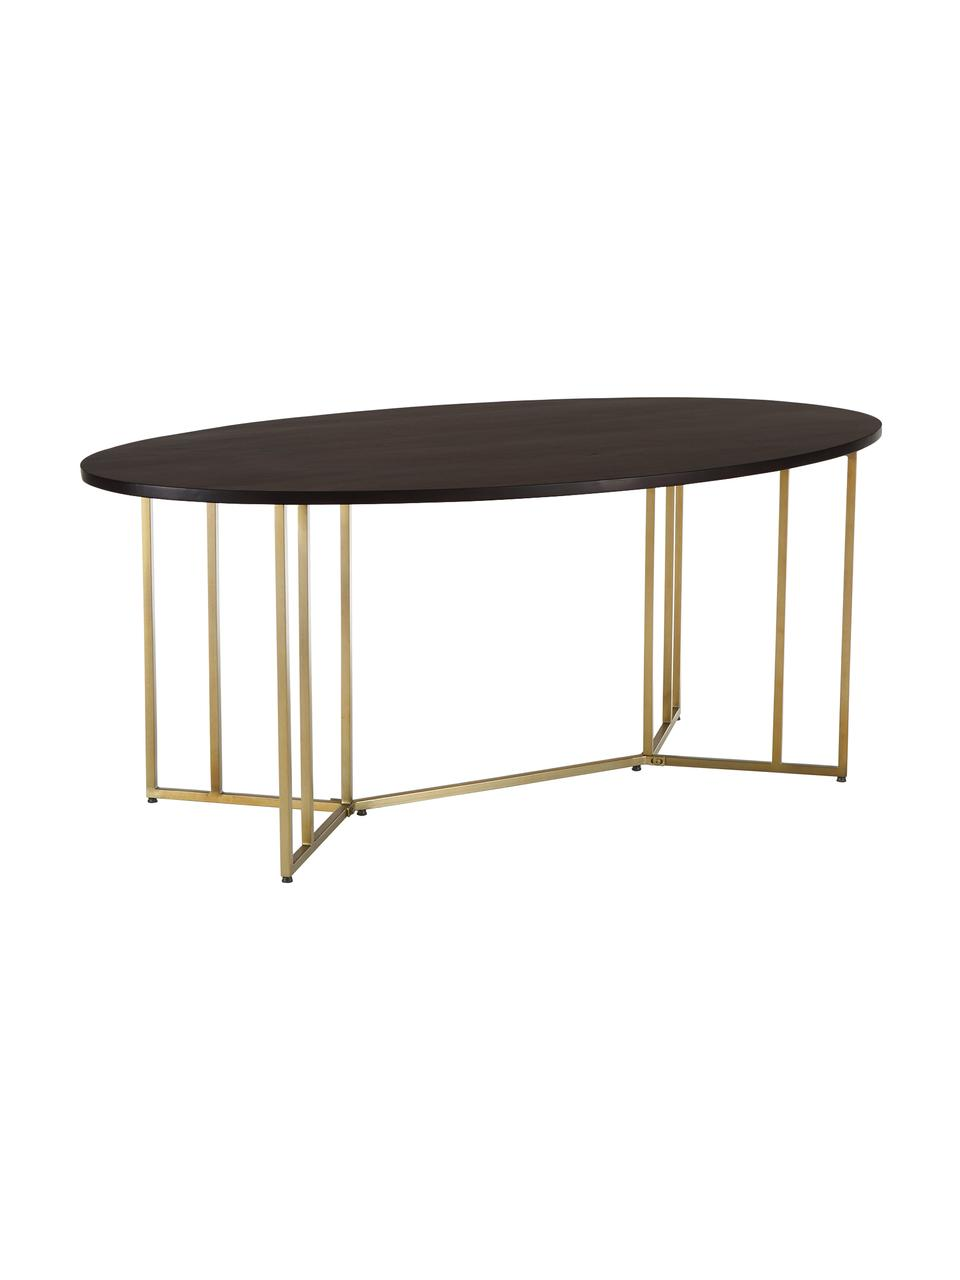 Owalny stół do jadalni z litego drewna Luca, Blat: lite drewno mangowe, laki, Stelaż: metal powlekany, Blat: drewno mangowe, lakierowane na ciemno Stelaż: odcienie złotego, błyszczący, S 180 x G 100 cm